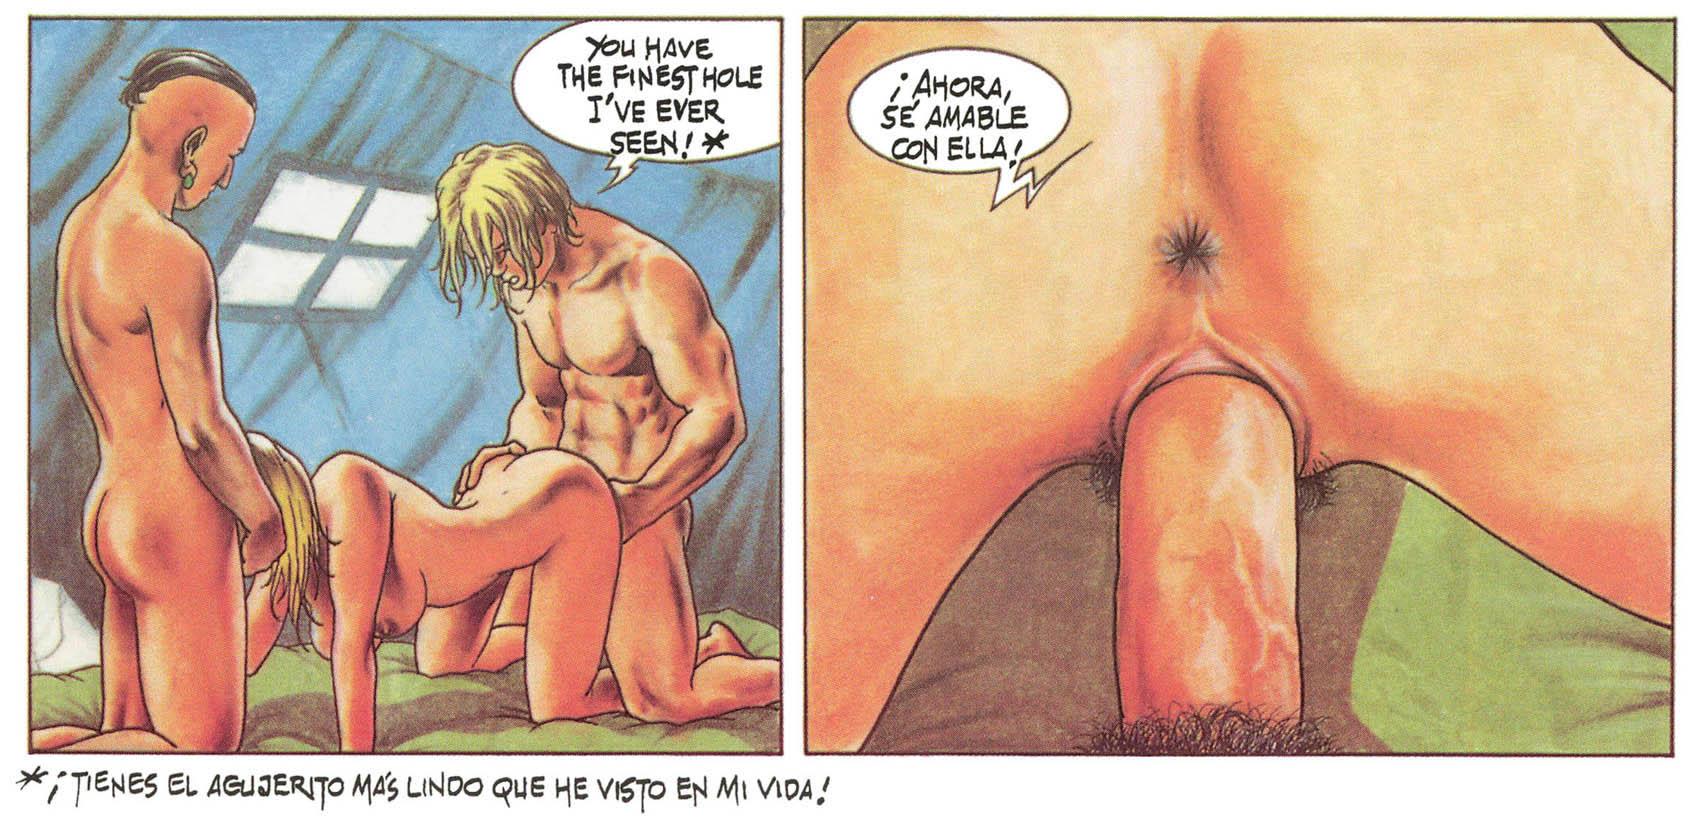 eroticheskie-istorii-trah